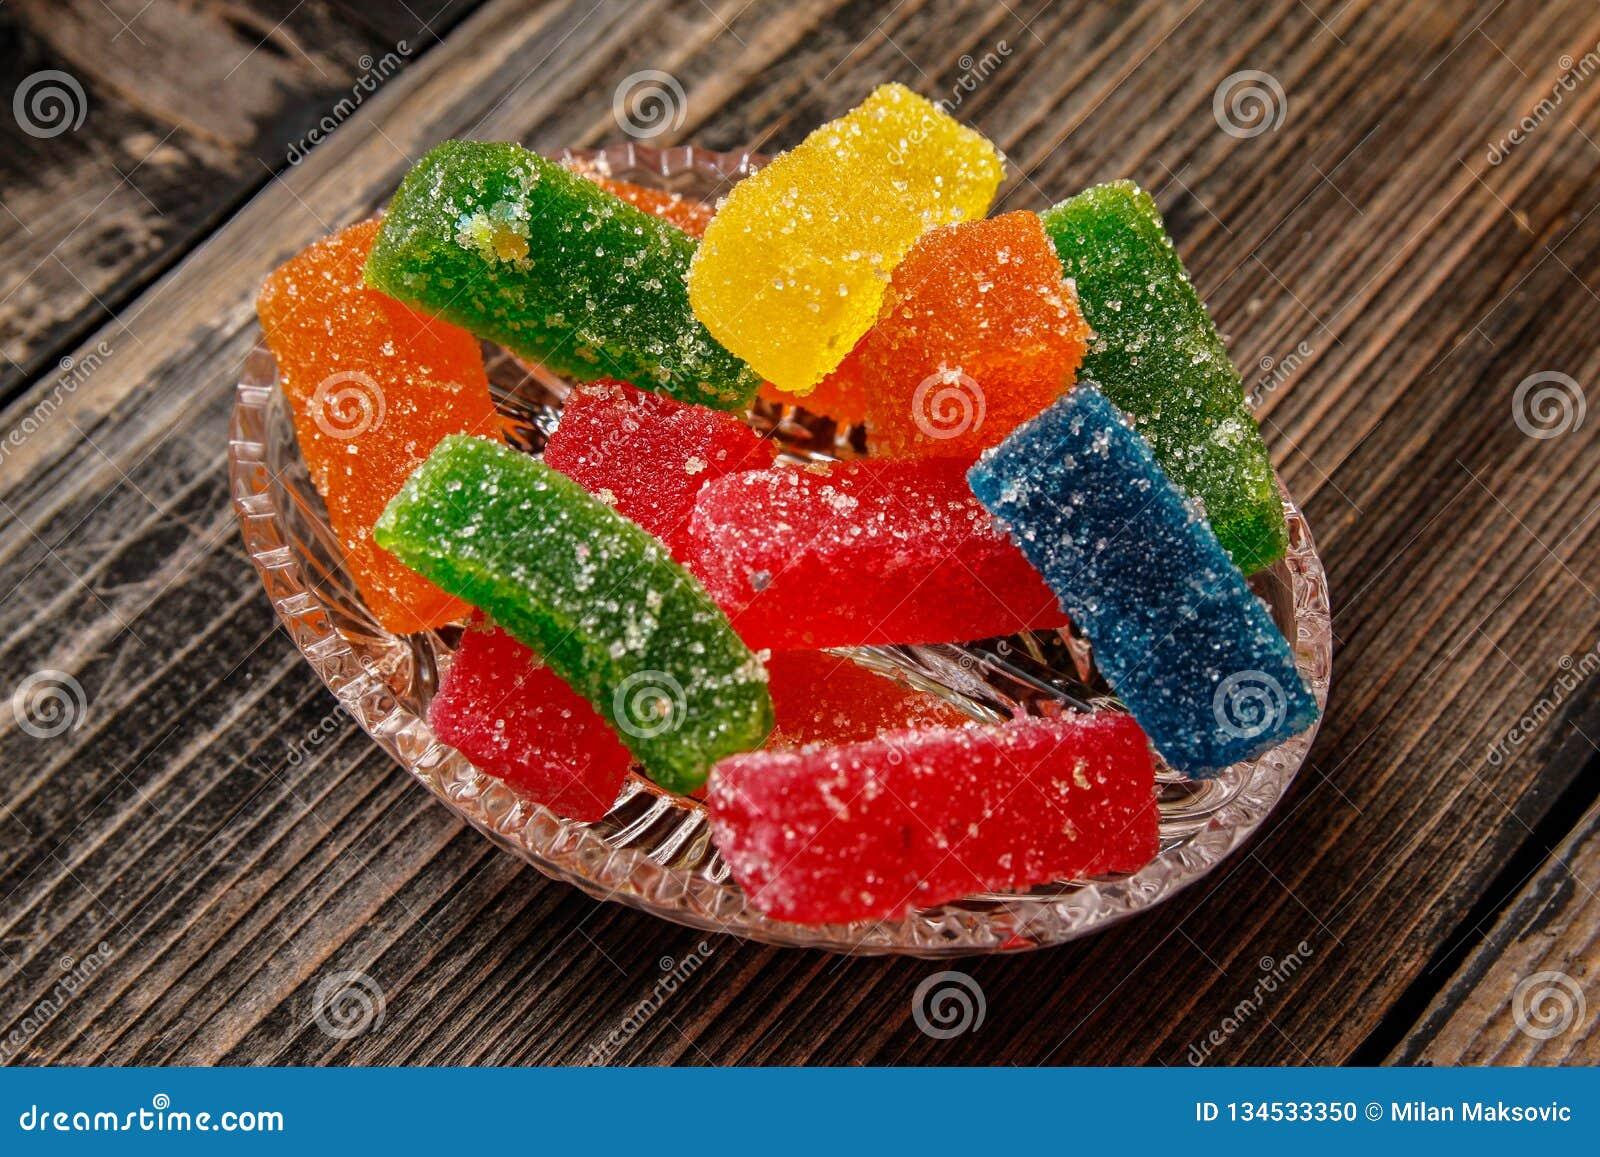 Multicolored kleverig die suikergoed met suiker met een laag wordt bedekt